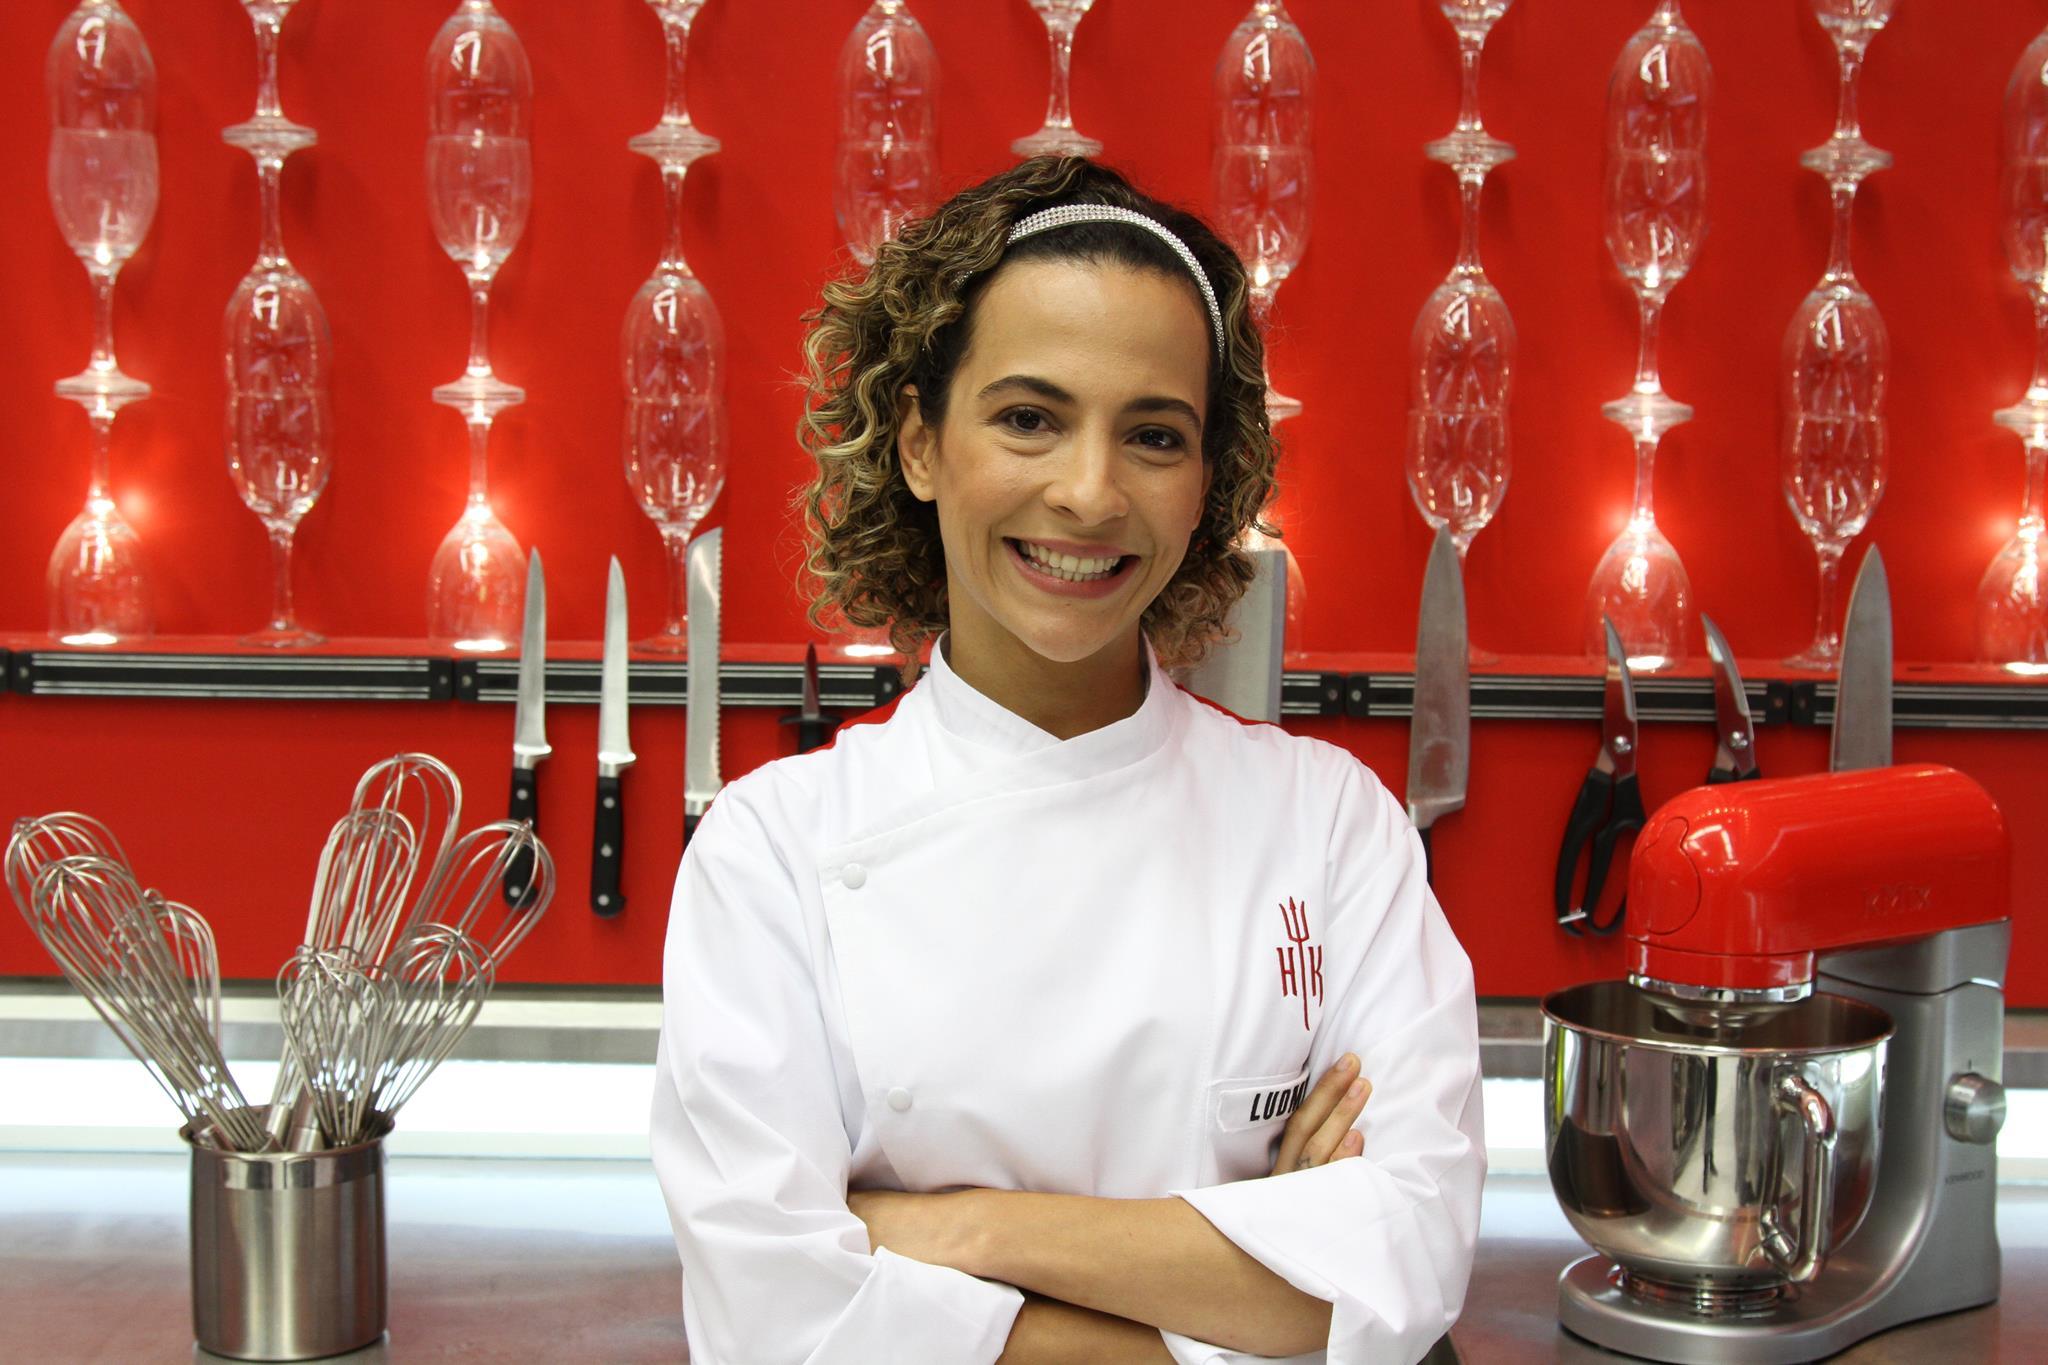 A carioca Ludmyla começou a trabalhar com gastronomia aos 15 anos, quando era auxiliar de confeitaria. Fez curso técnico de nutrição, faculdade de gastronomia, onde vendia sanduíches naturais nos corredores e, atualmente, é professora em uma universidade gastronômica.